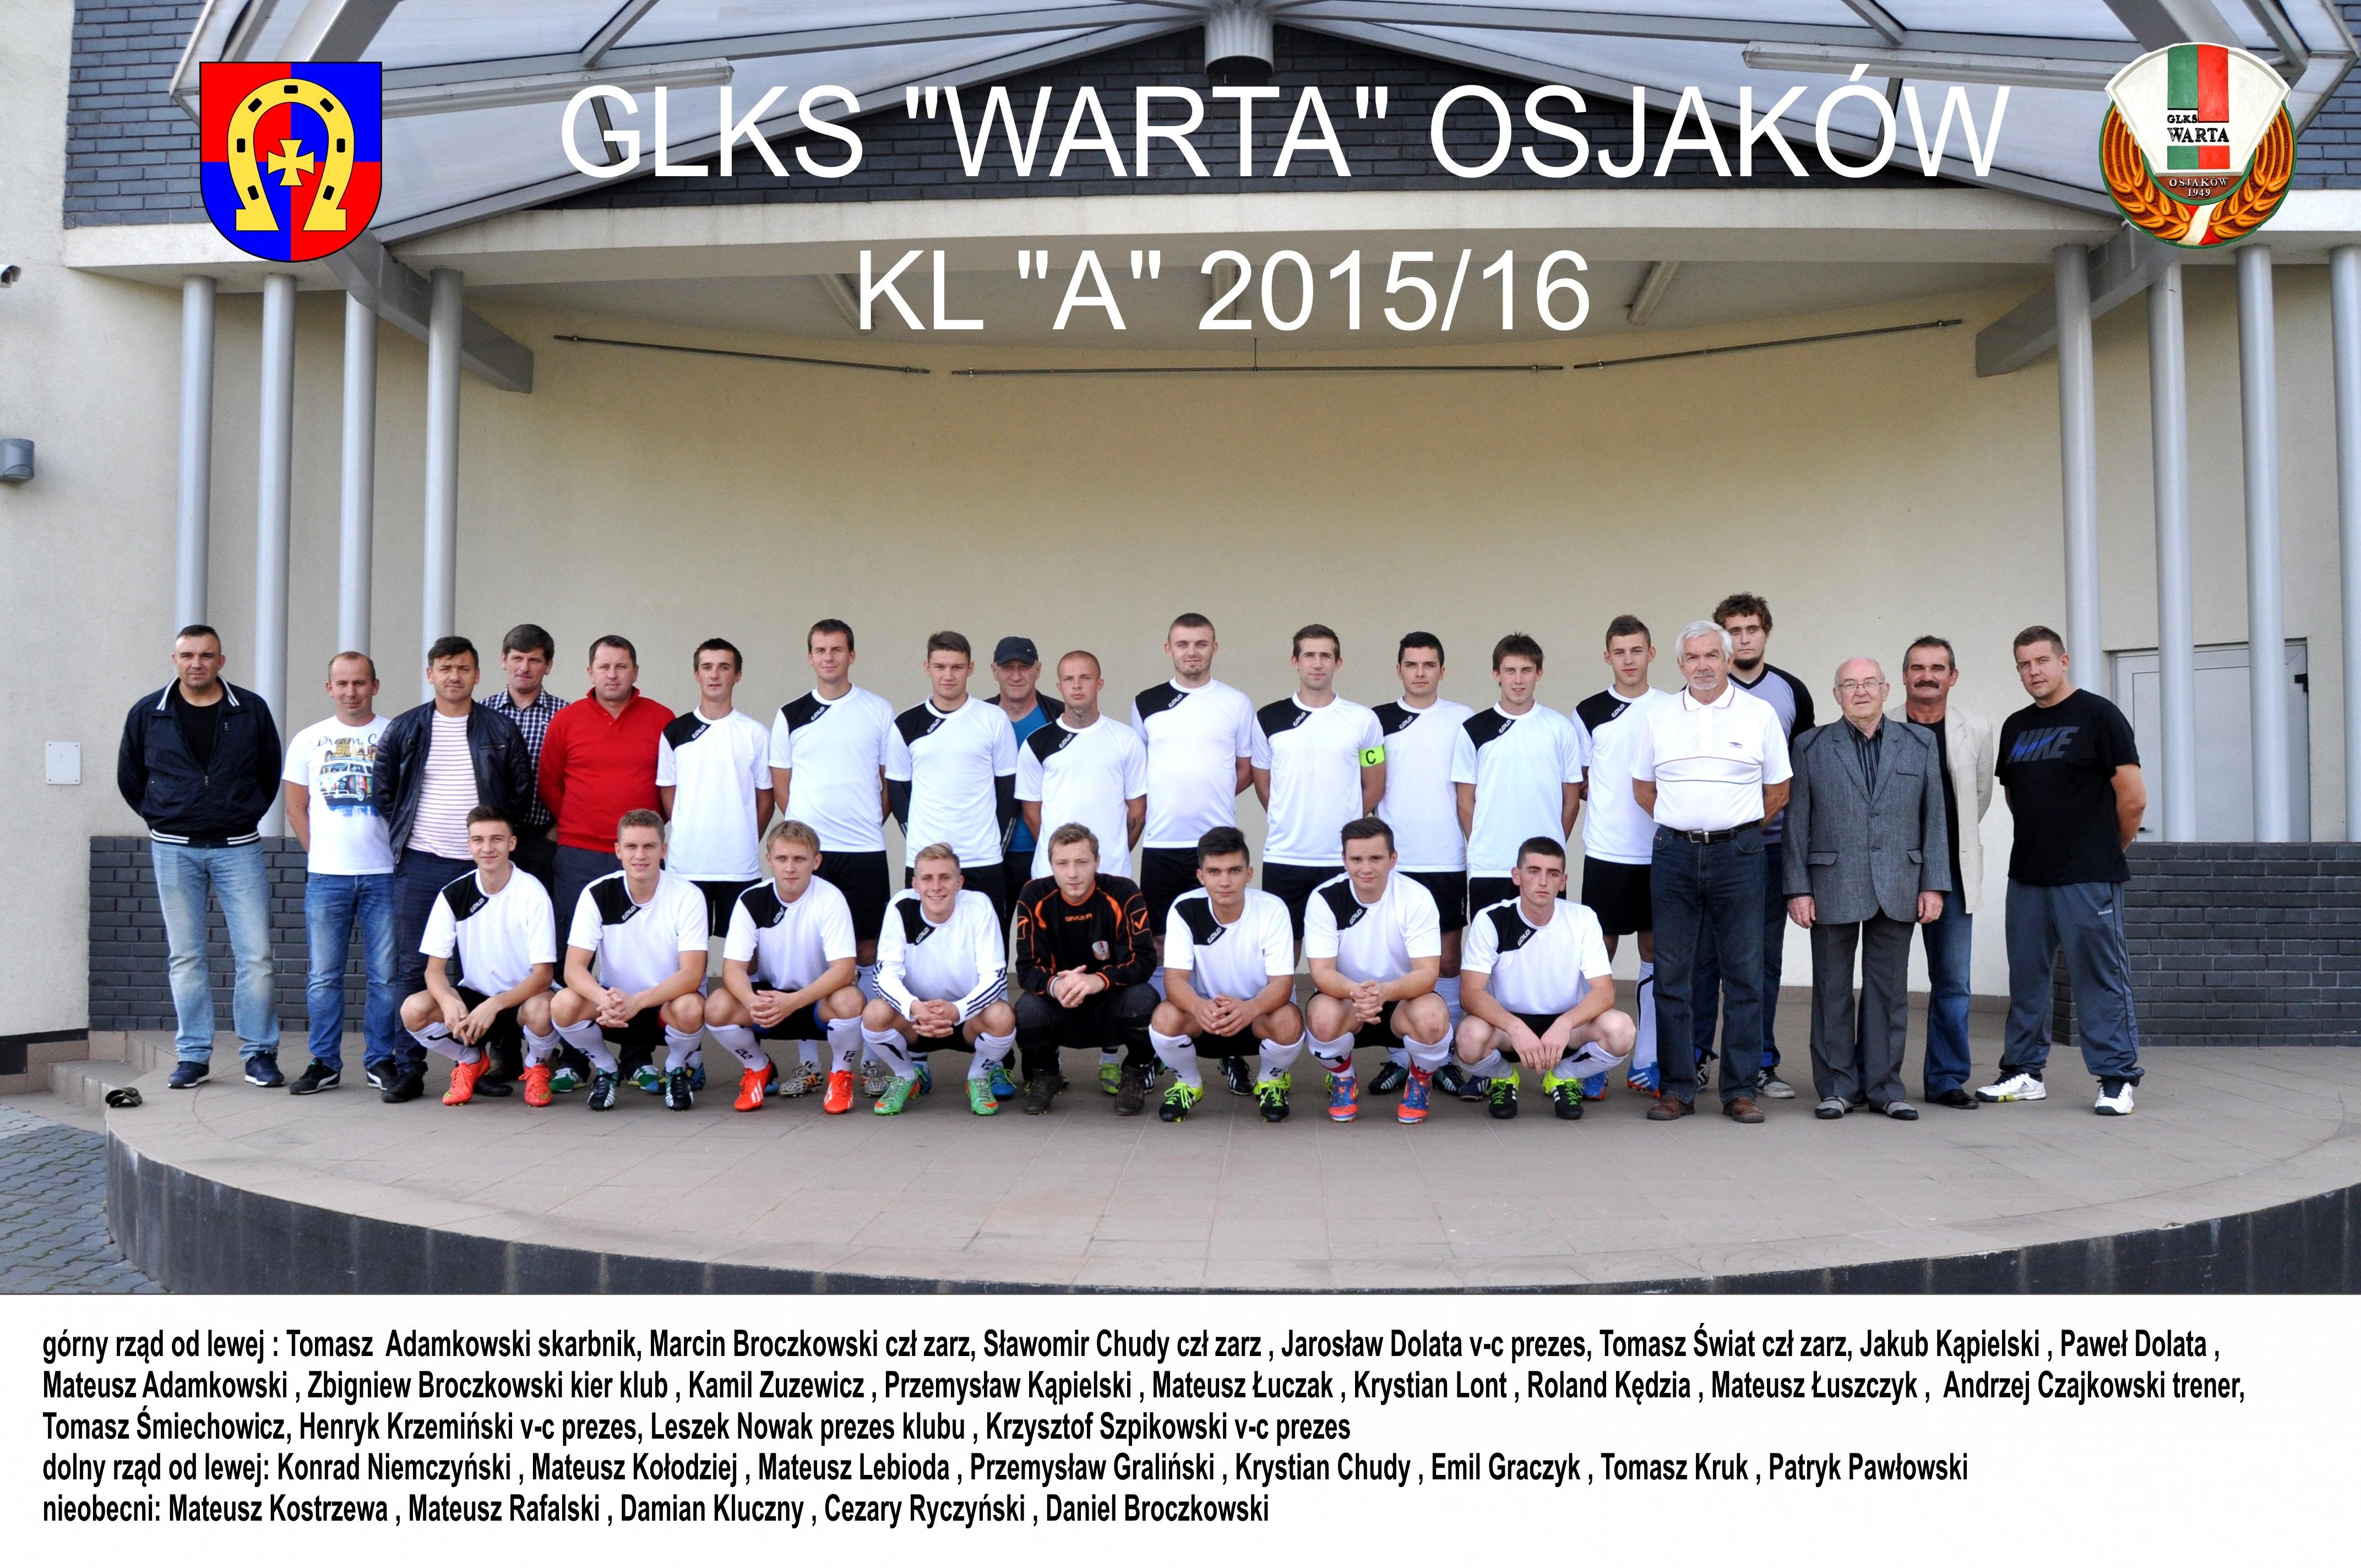 2015 12 01 glks warta osjakow - GLKS Warta Osjaków